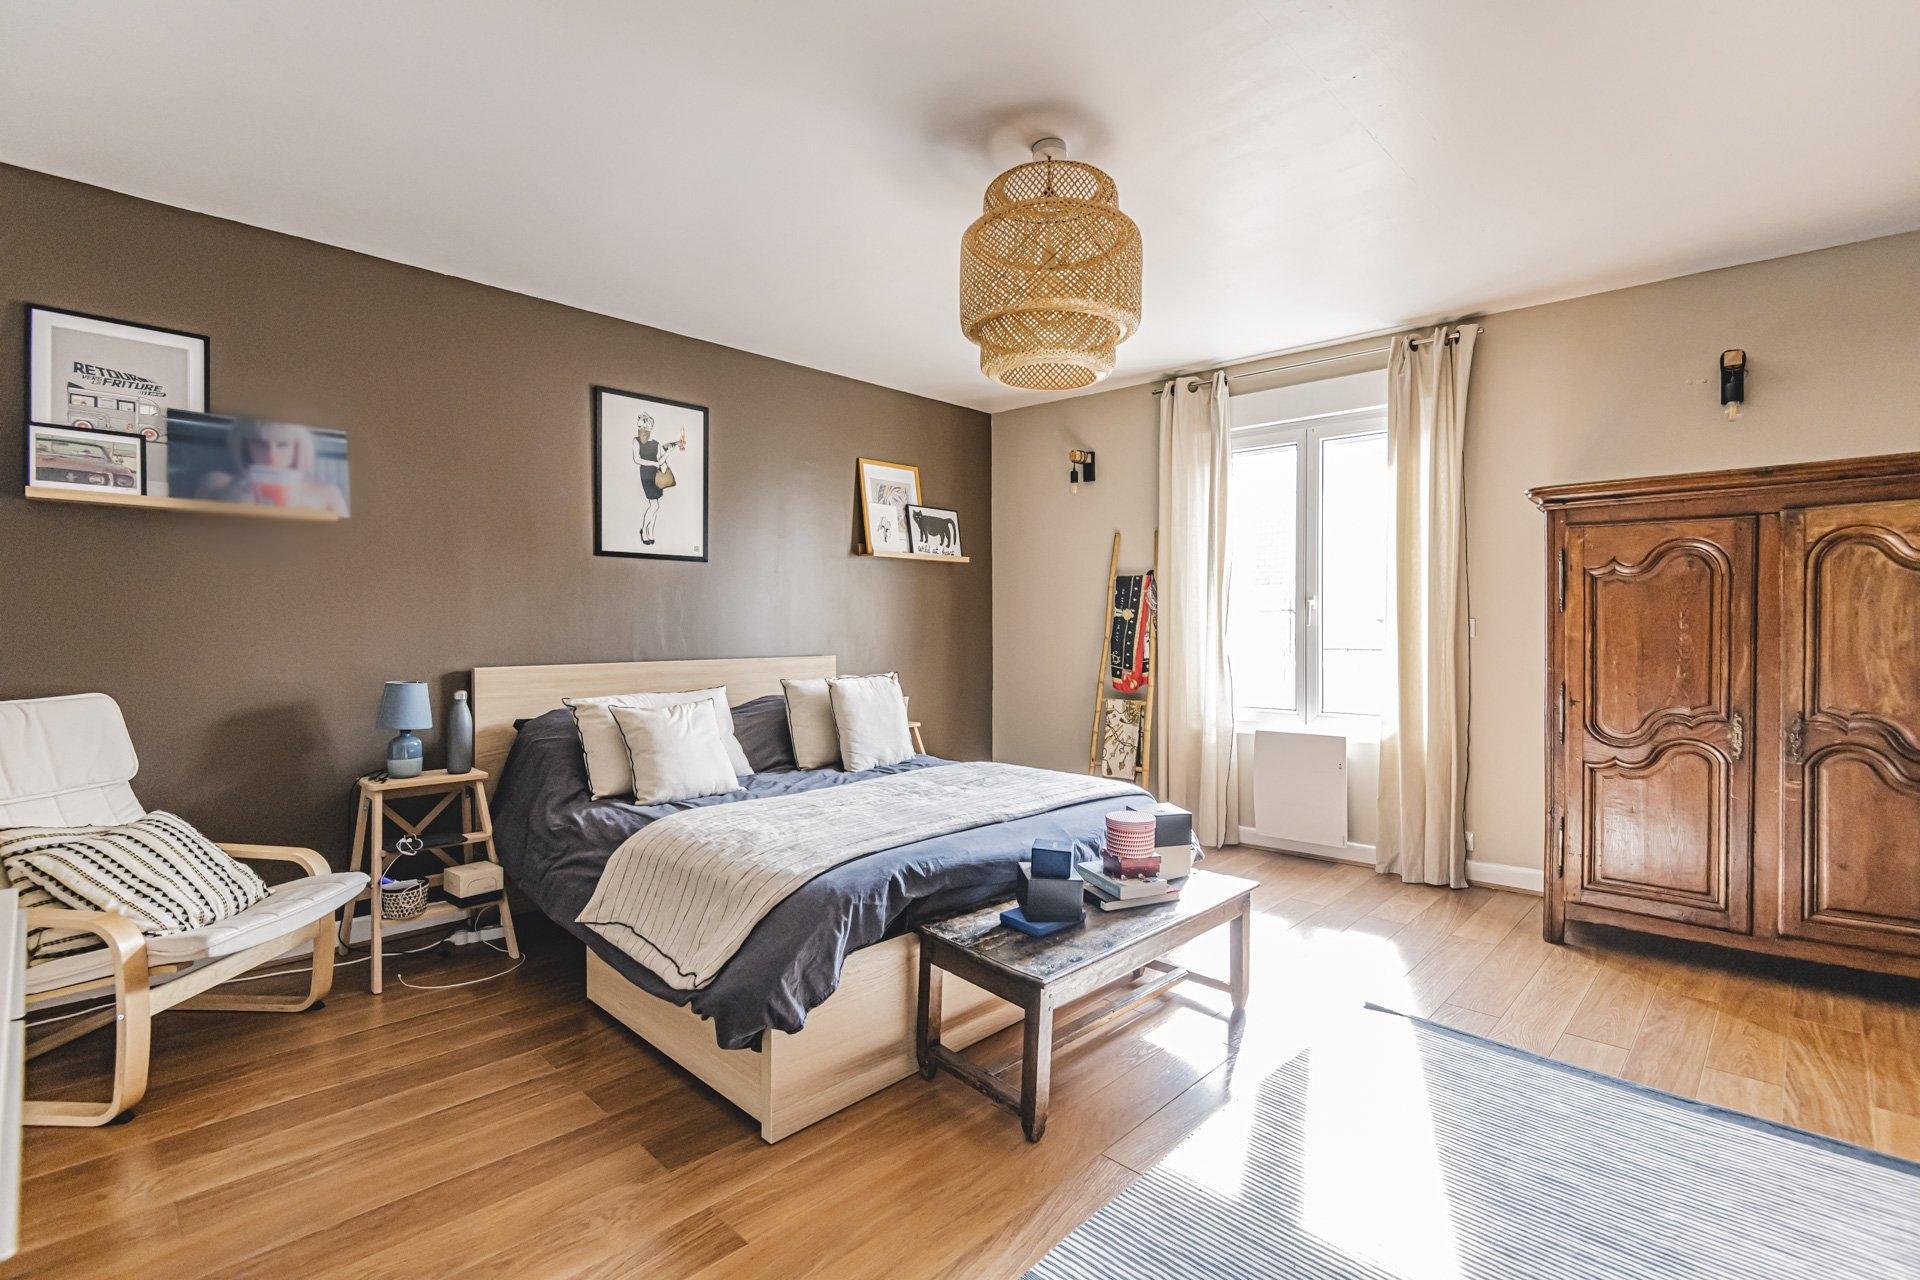 Appartement Reims 4 Pièces 104 m2 - 6